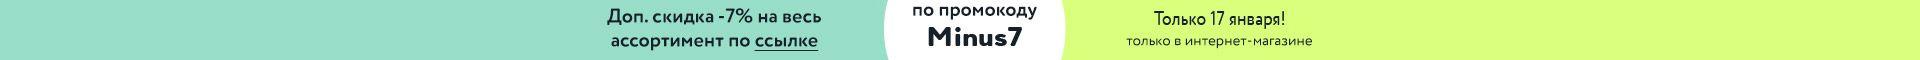 7% по коду  Minus7 сквозной